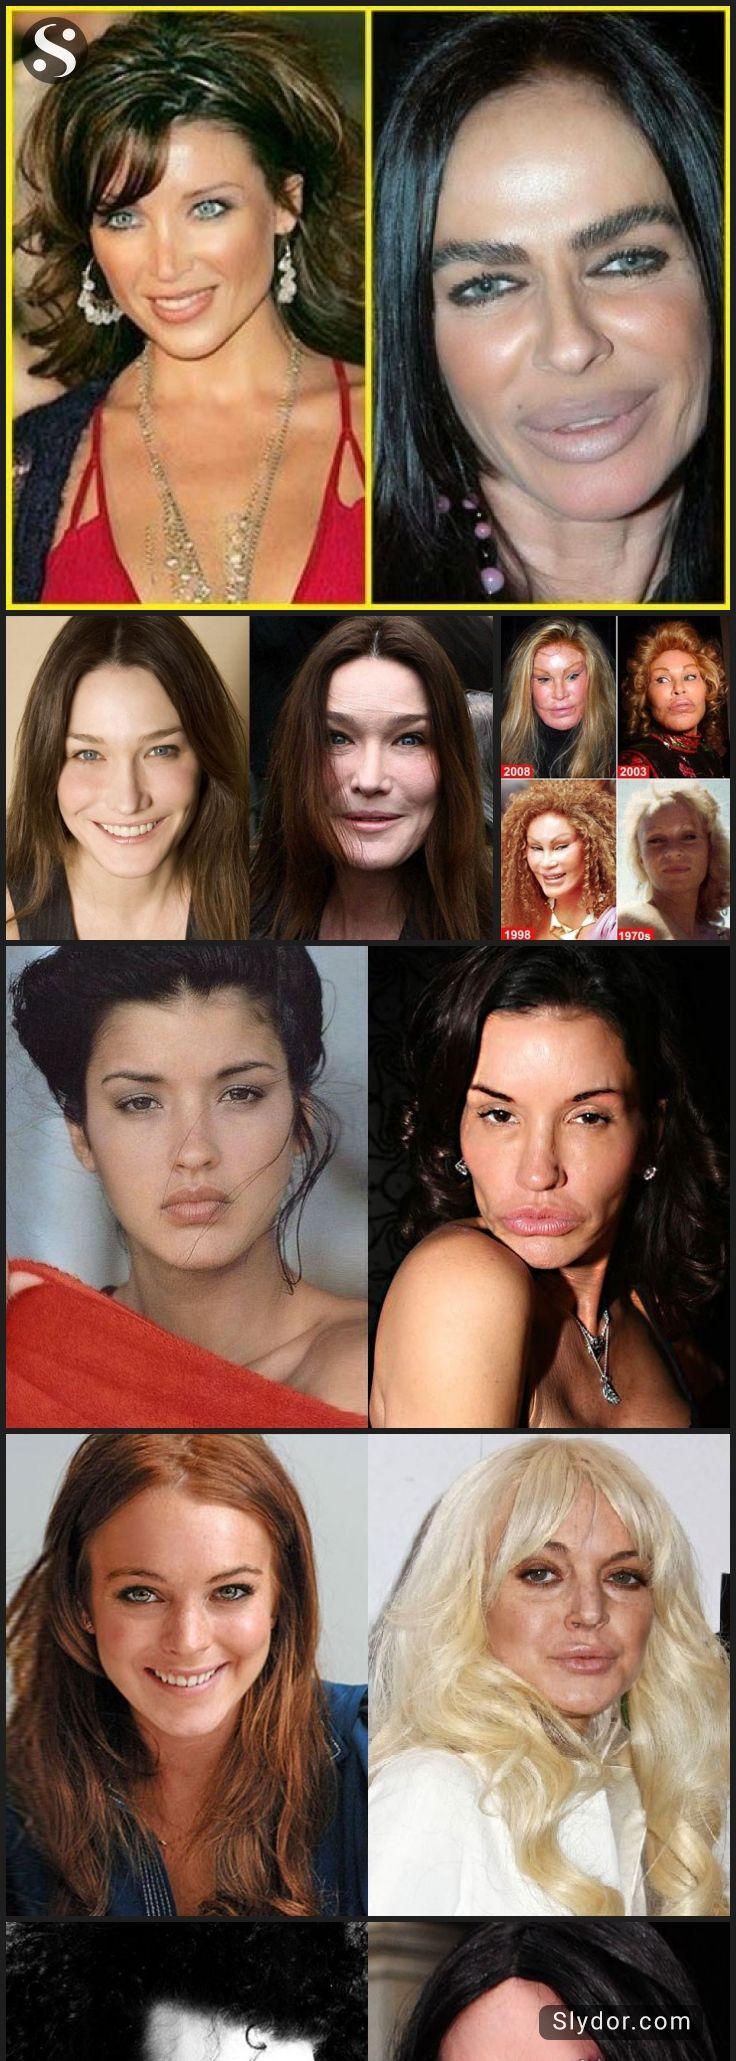 Wie schrecklich kann man aussehen? Furchterregende Schönheitsoperation von Prominenten schlägt fehl #celebrityfails …